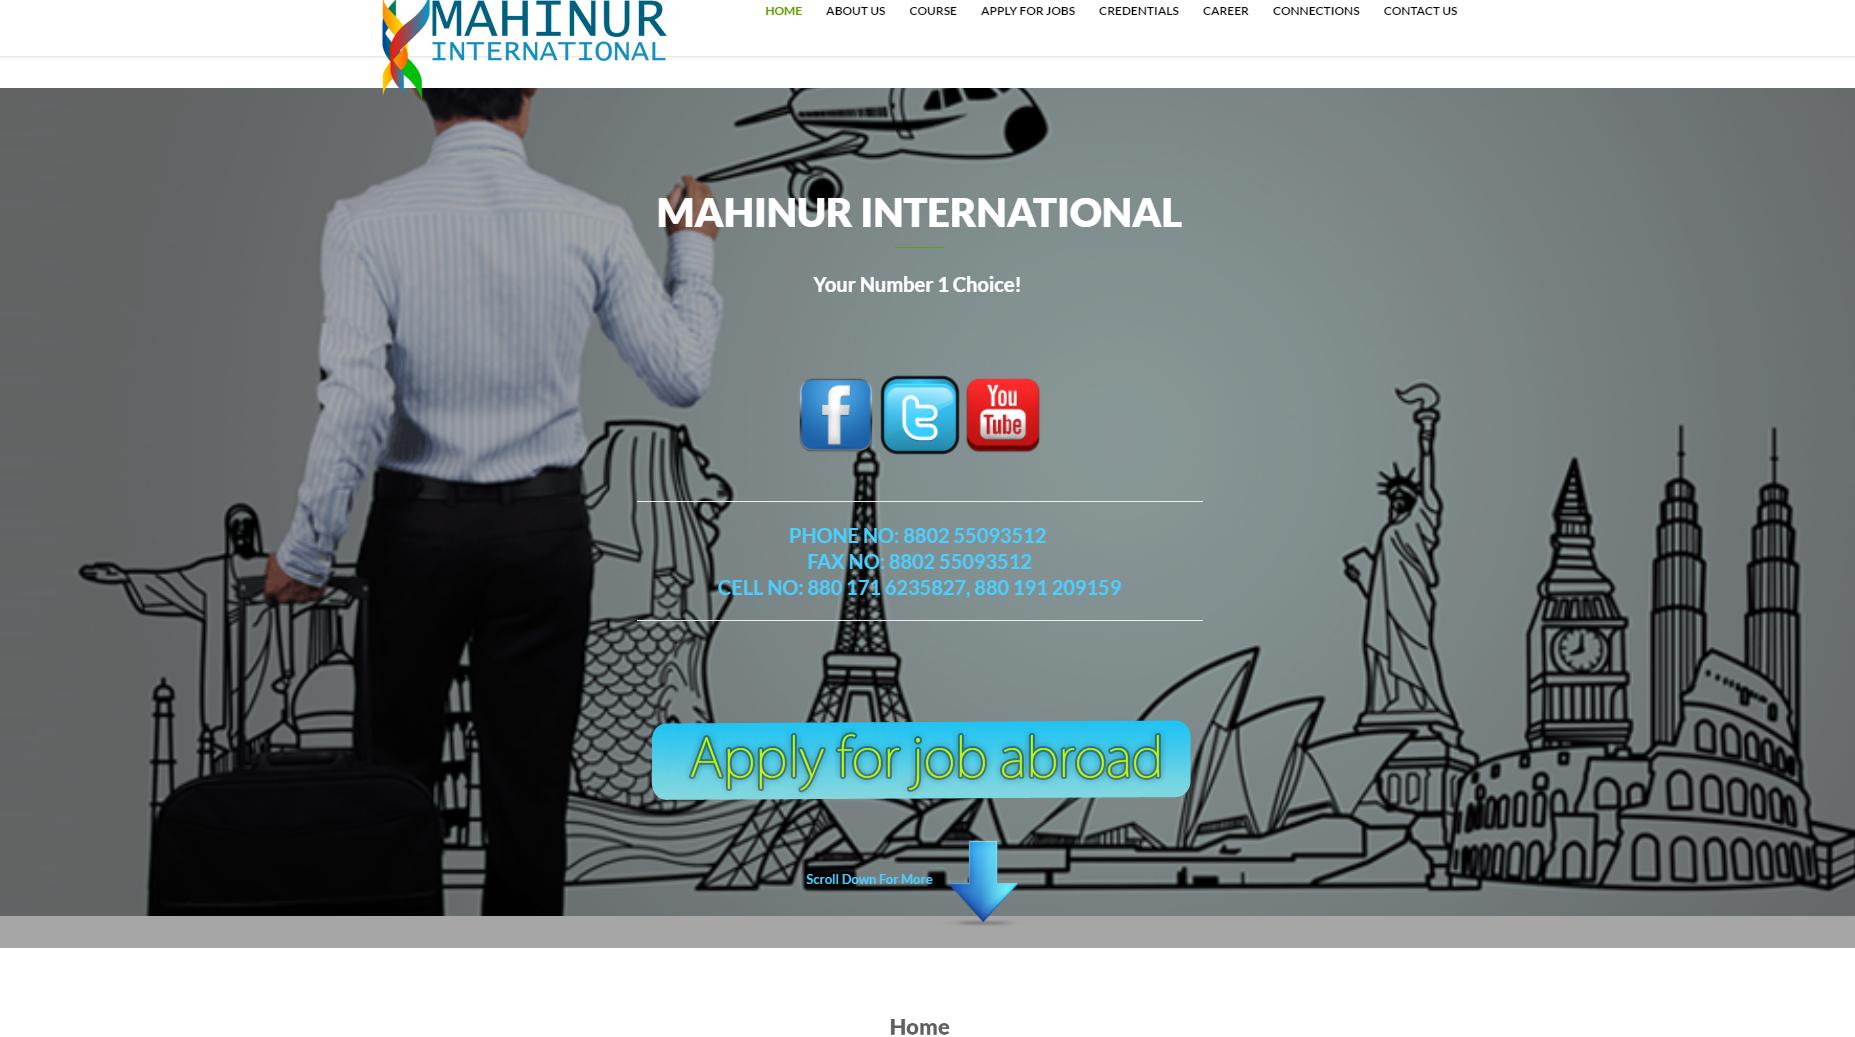 www.mahinurinternational.com   website for Travel Agency